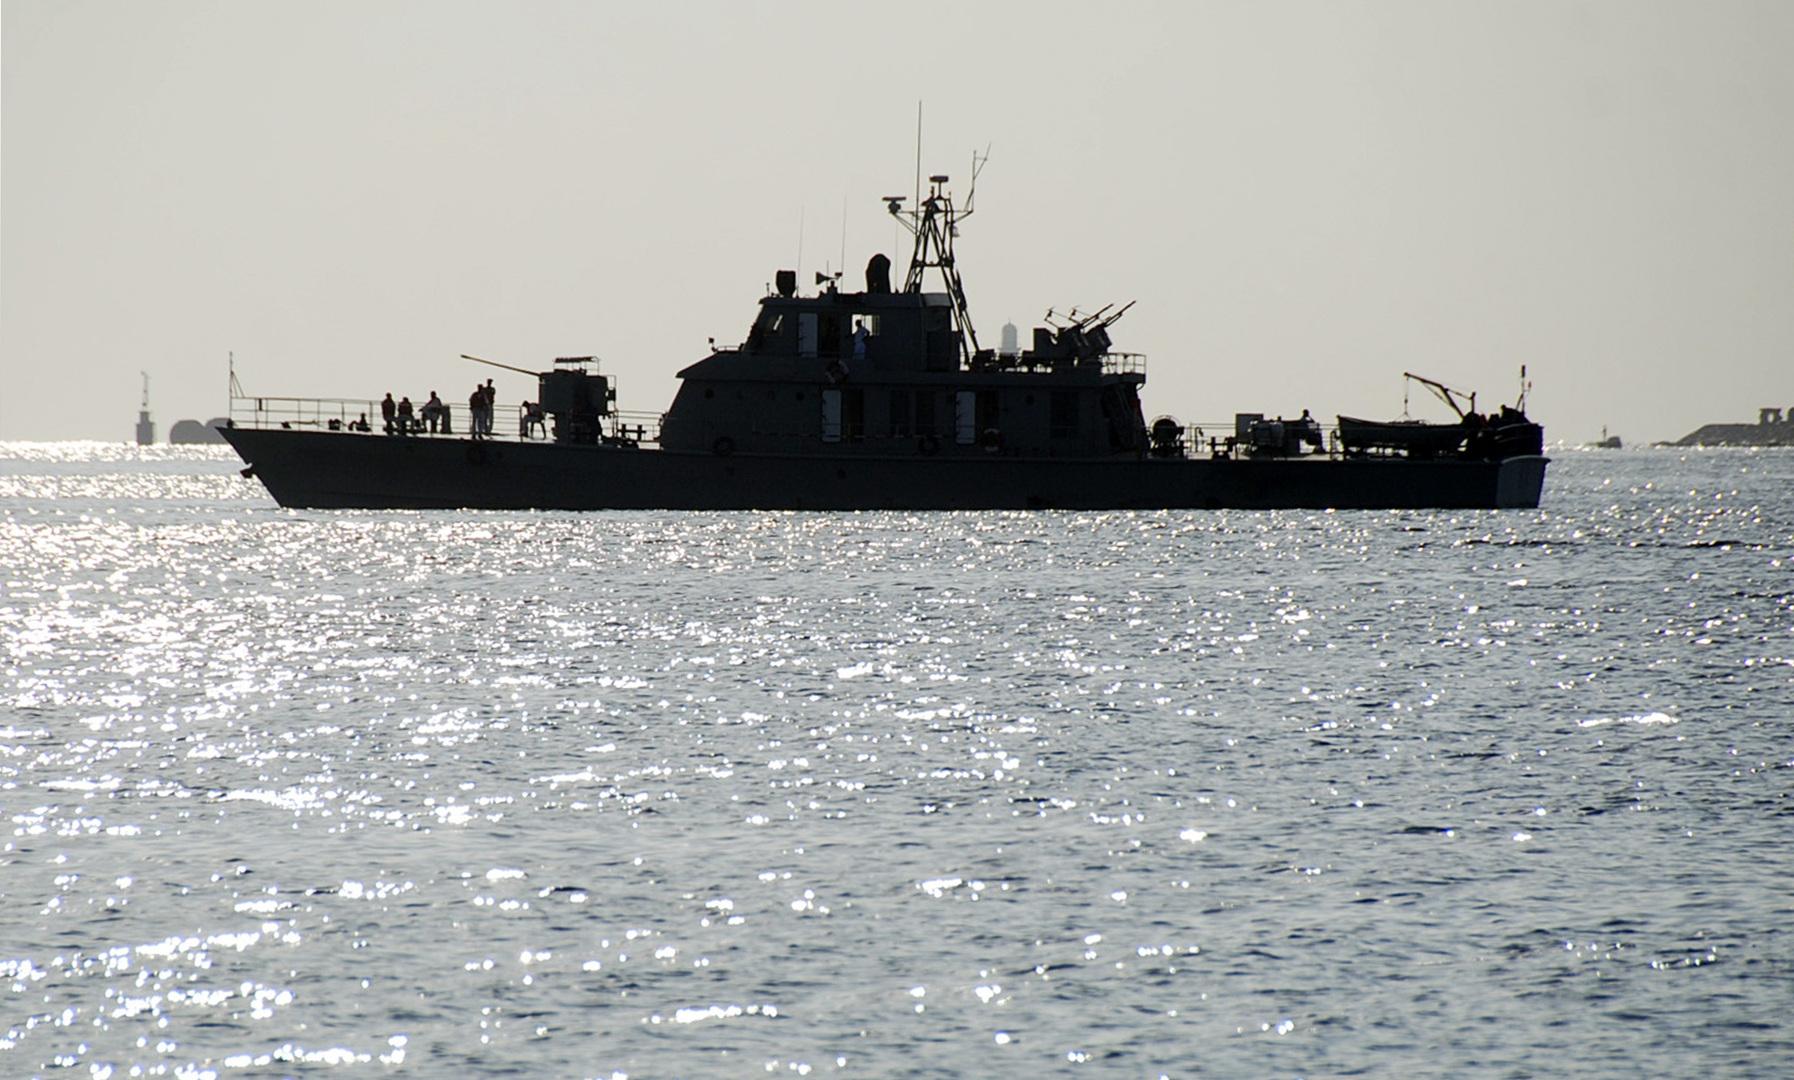 إيران تحتجز سفينة ترفع علم كوريا الجنوبية انطلقت من ميناء سعودي